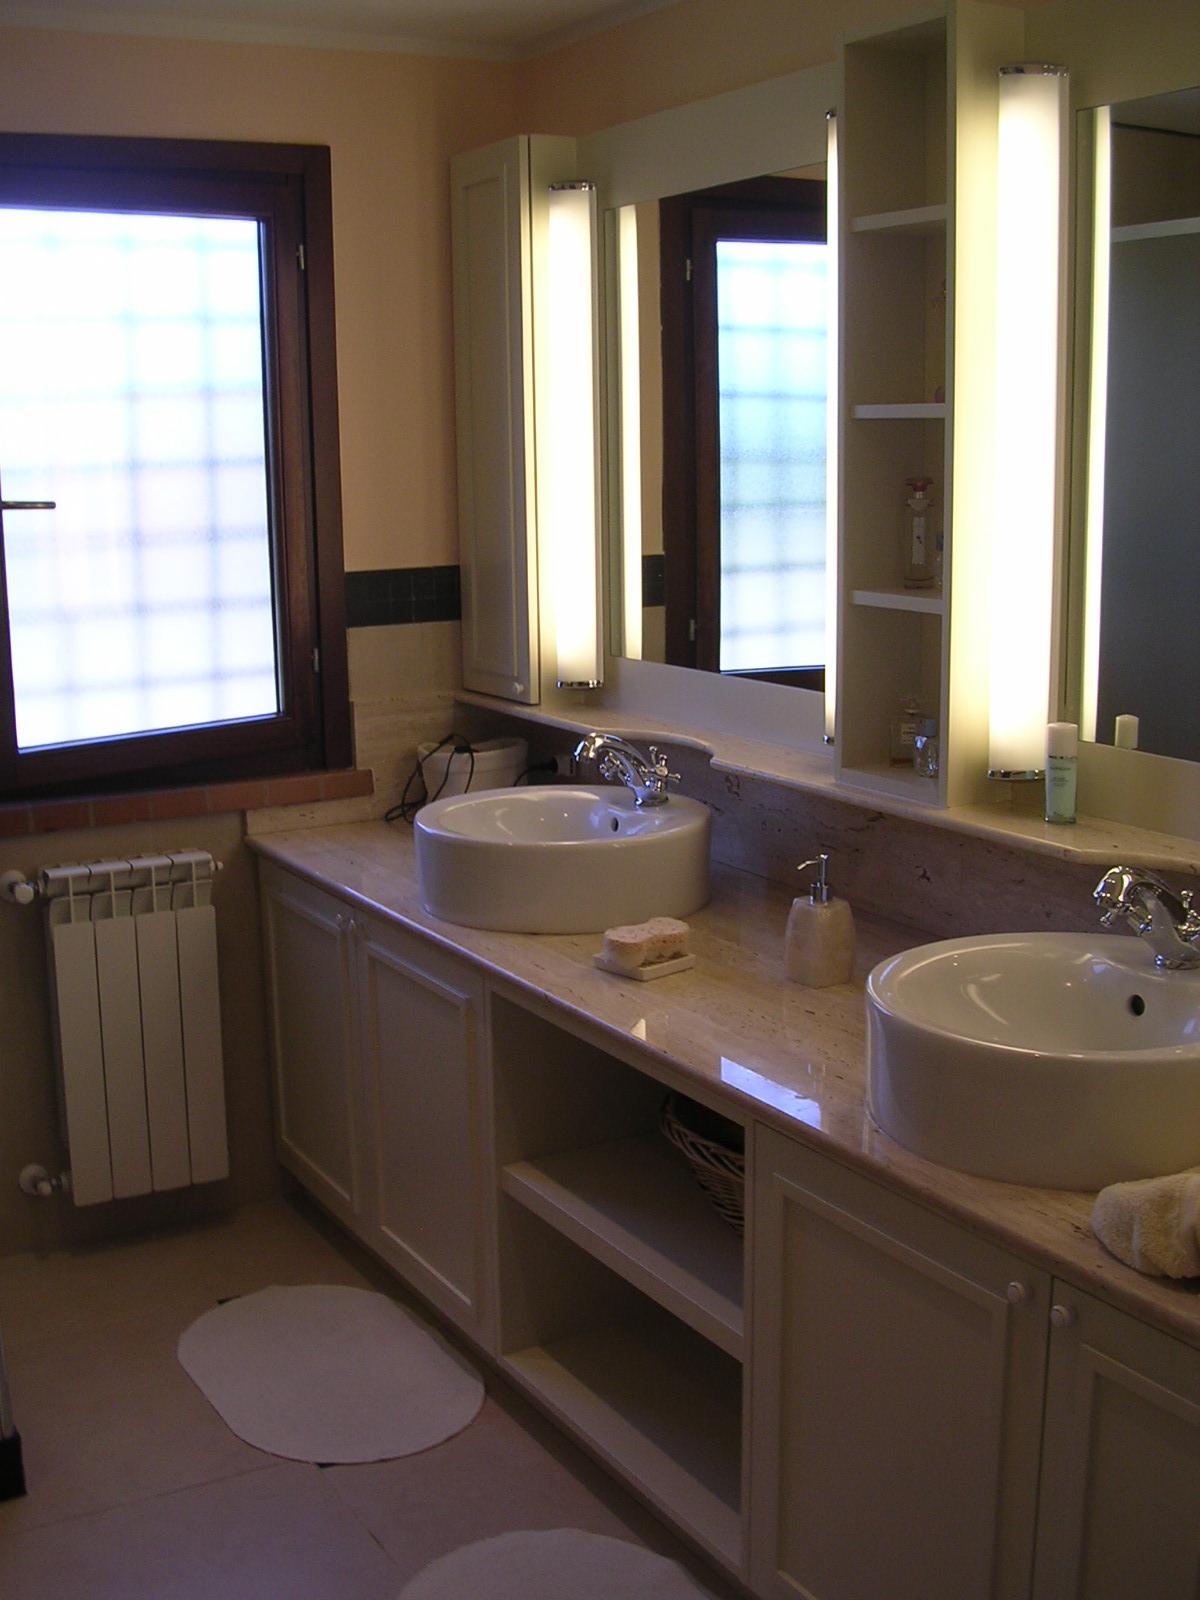 ingrosso mobili da bagno roma ~ mobilia la tua casa - Mobili Arredo Bagno Roma